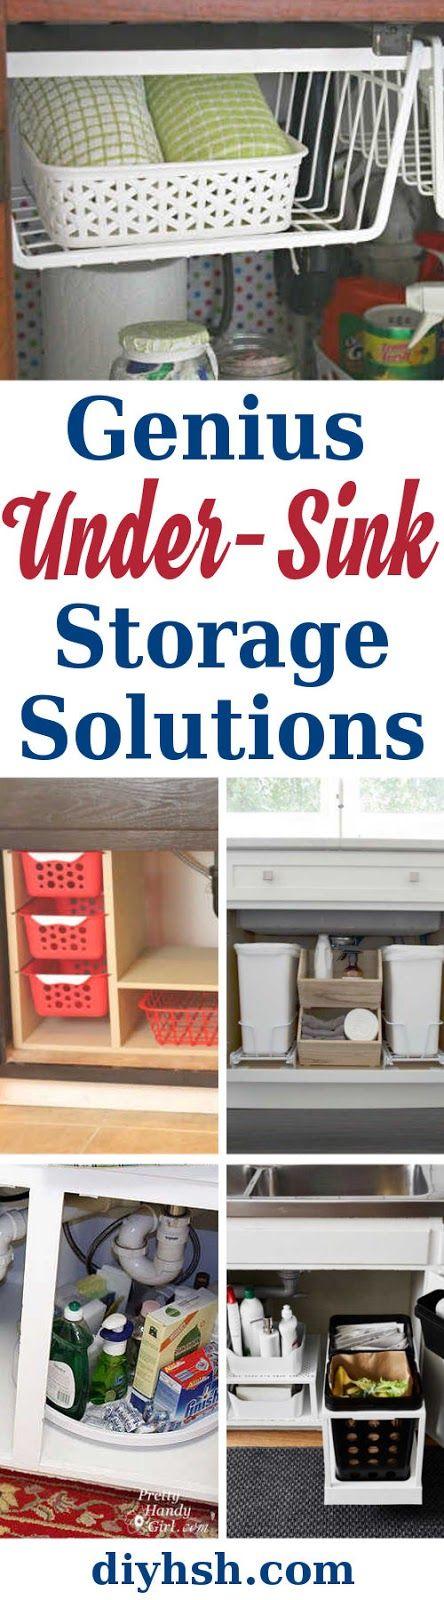 DIY Home Sweet Home: 5 Genius Under-Sink Storage Solutions